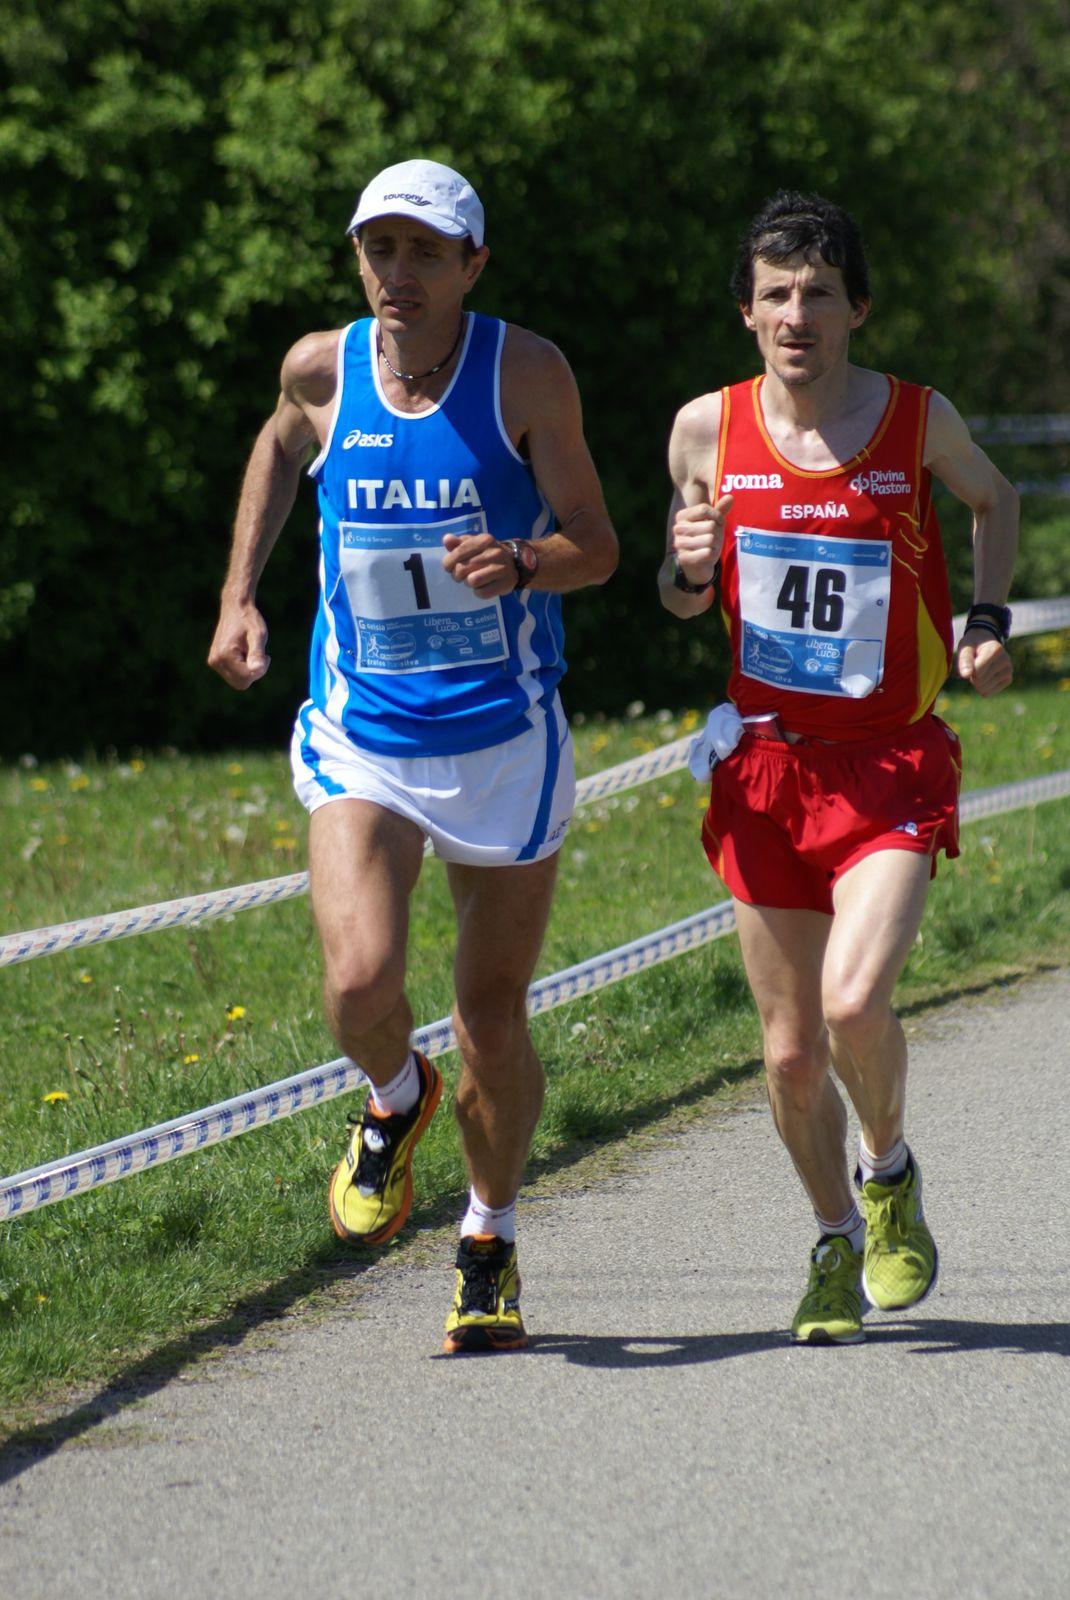 interviste interviste e e Ultramaratone interviste Ultramaratone dintorni maratone dintorni maratone x71xFqvUw